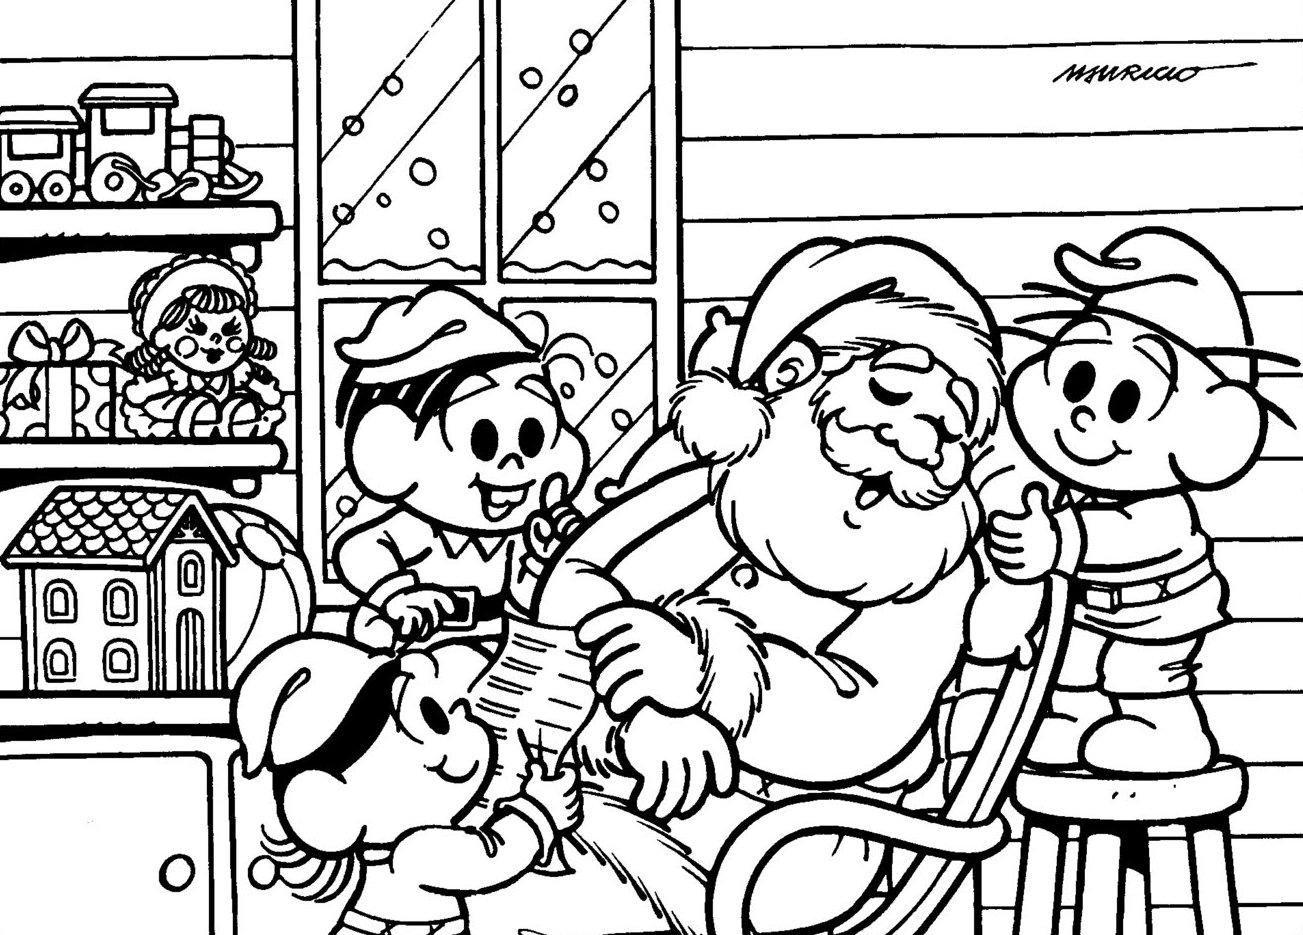 Desenho como desenhar festa de natal da turma da monica pintar e colorir